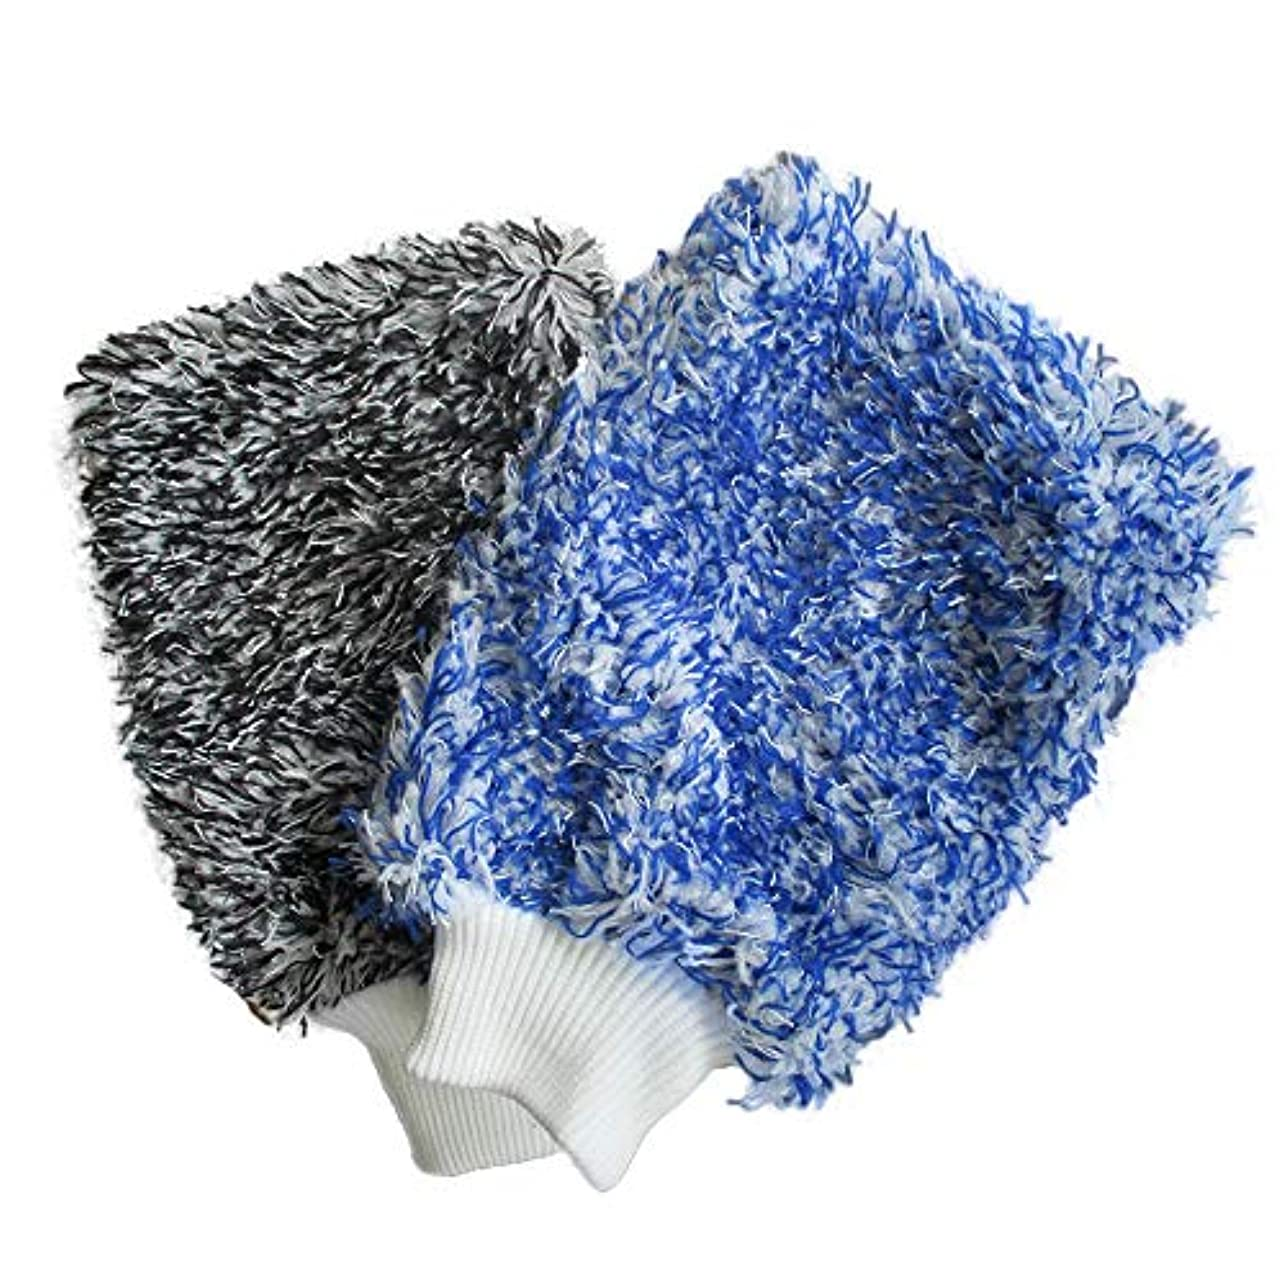 イデオロギーアイザック期間BTXXYJP ソフト 吸収 手袋 高密度 洗車 超ソフト 簡単 乾燥 1ペア (Color : Blue)